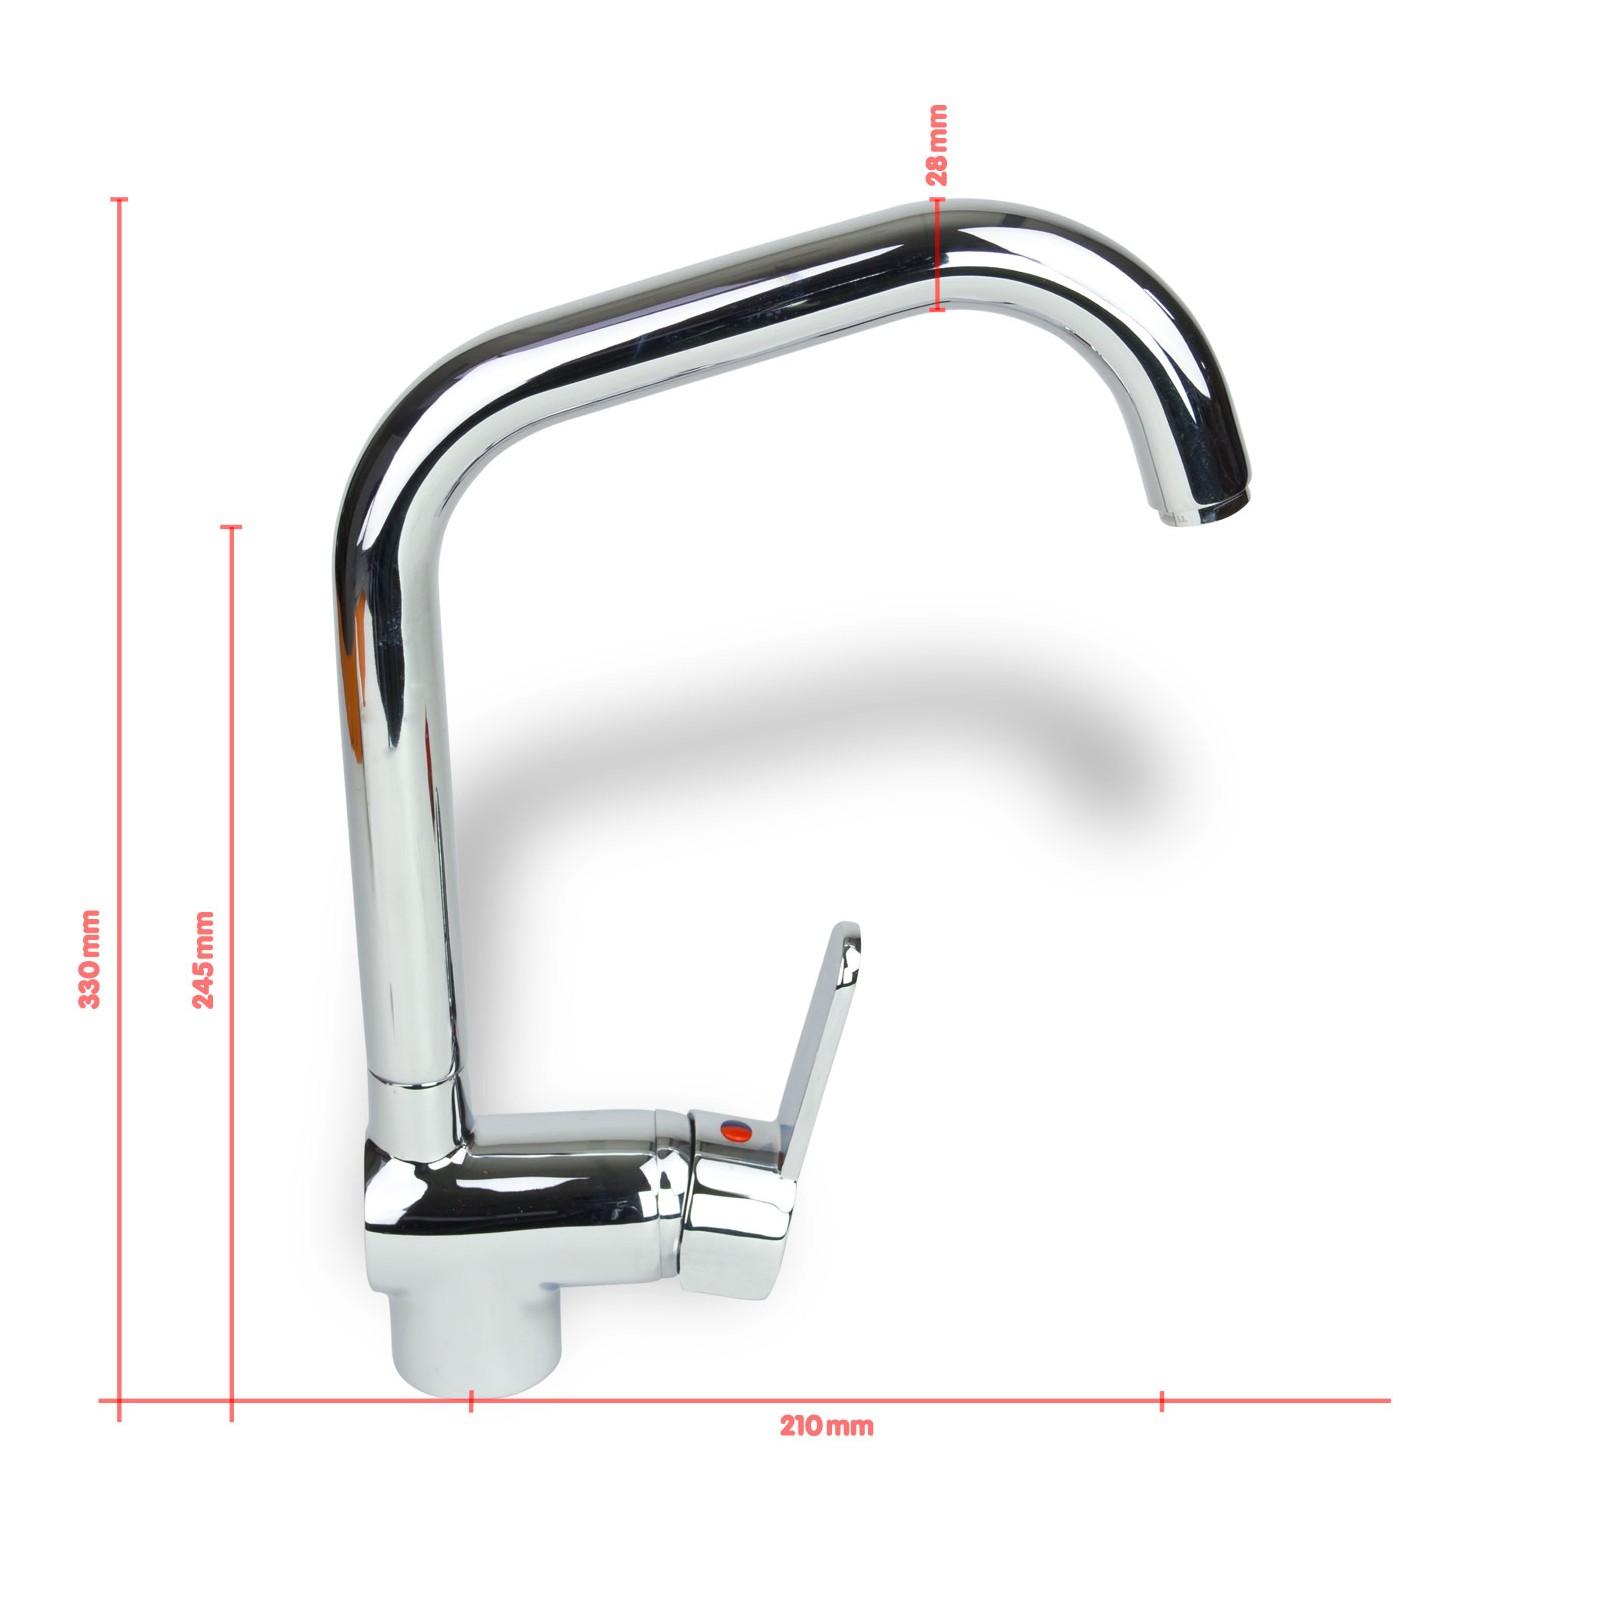 küchenarmatur paris wasserhähne küche küchenarmaturen ... - Absperrhahn Küche